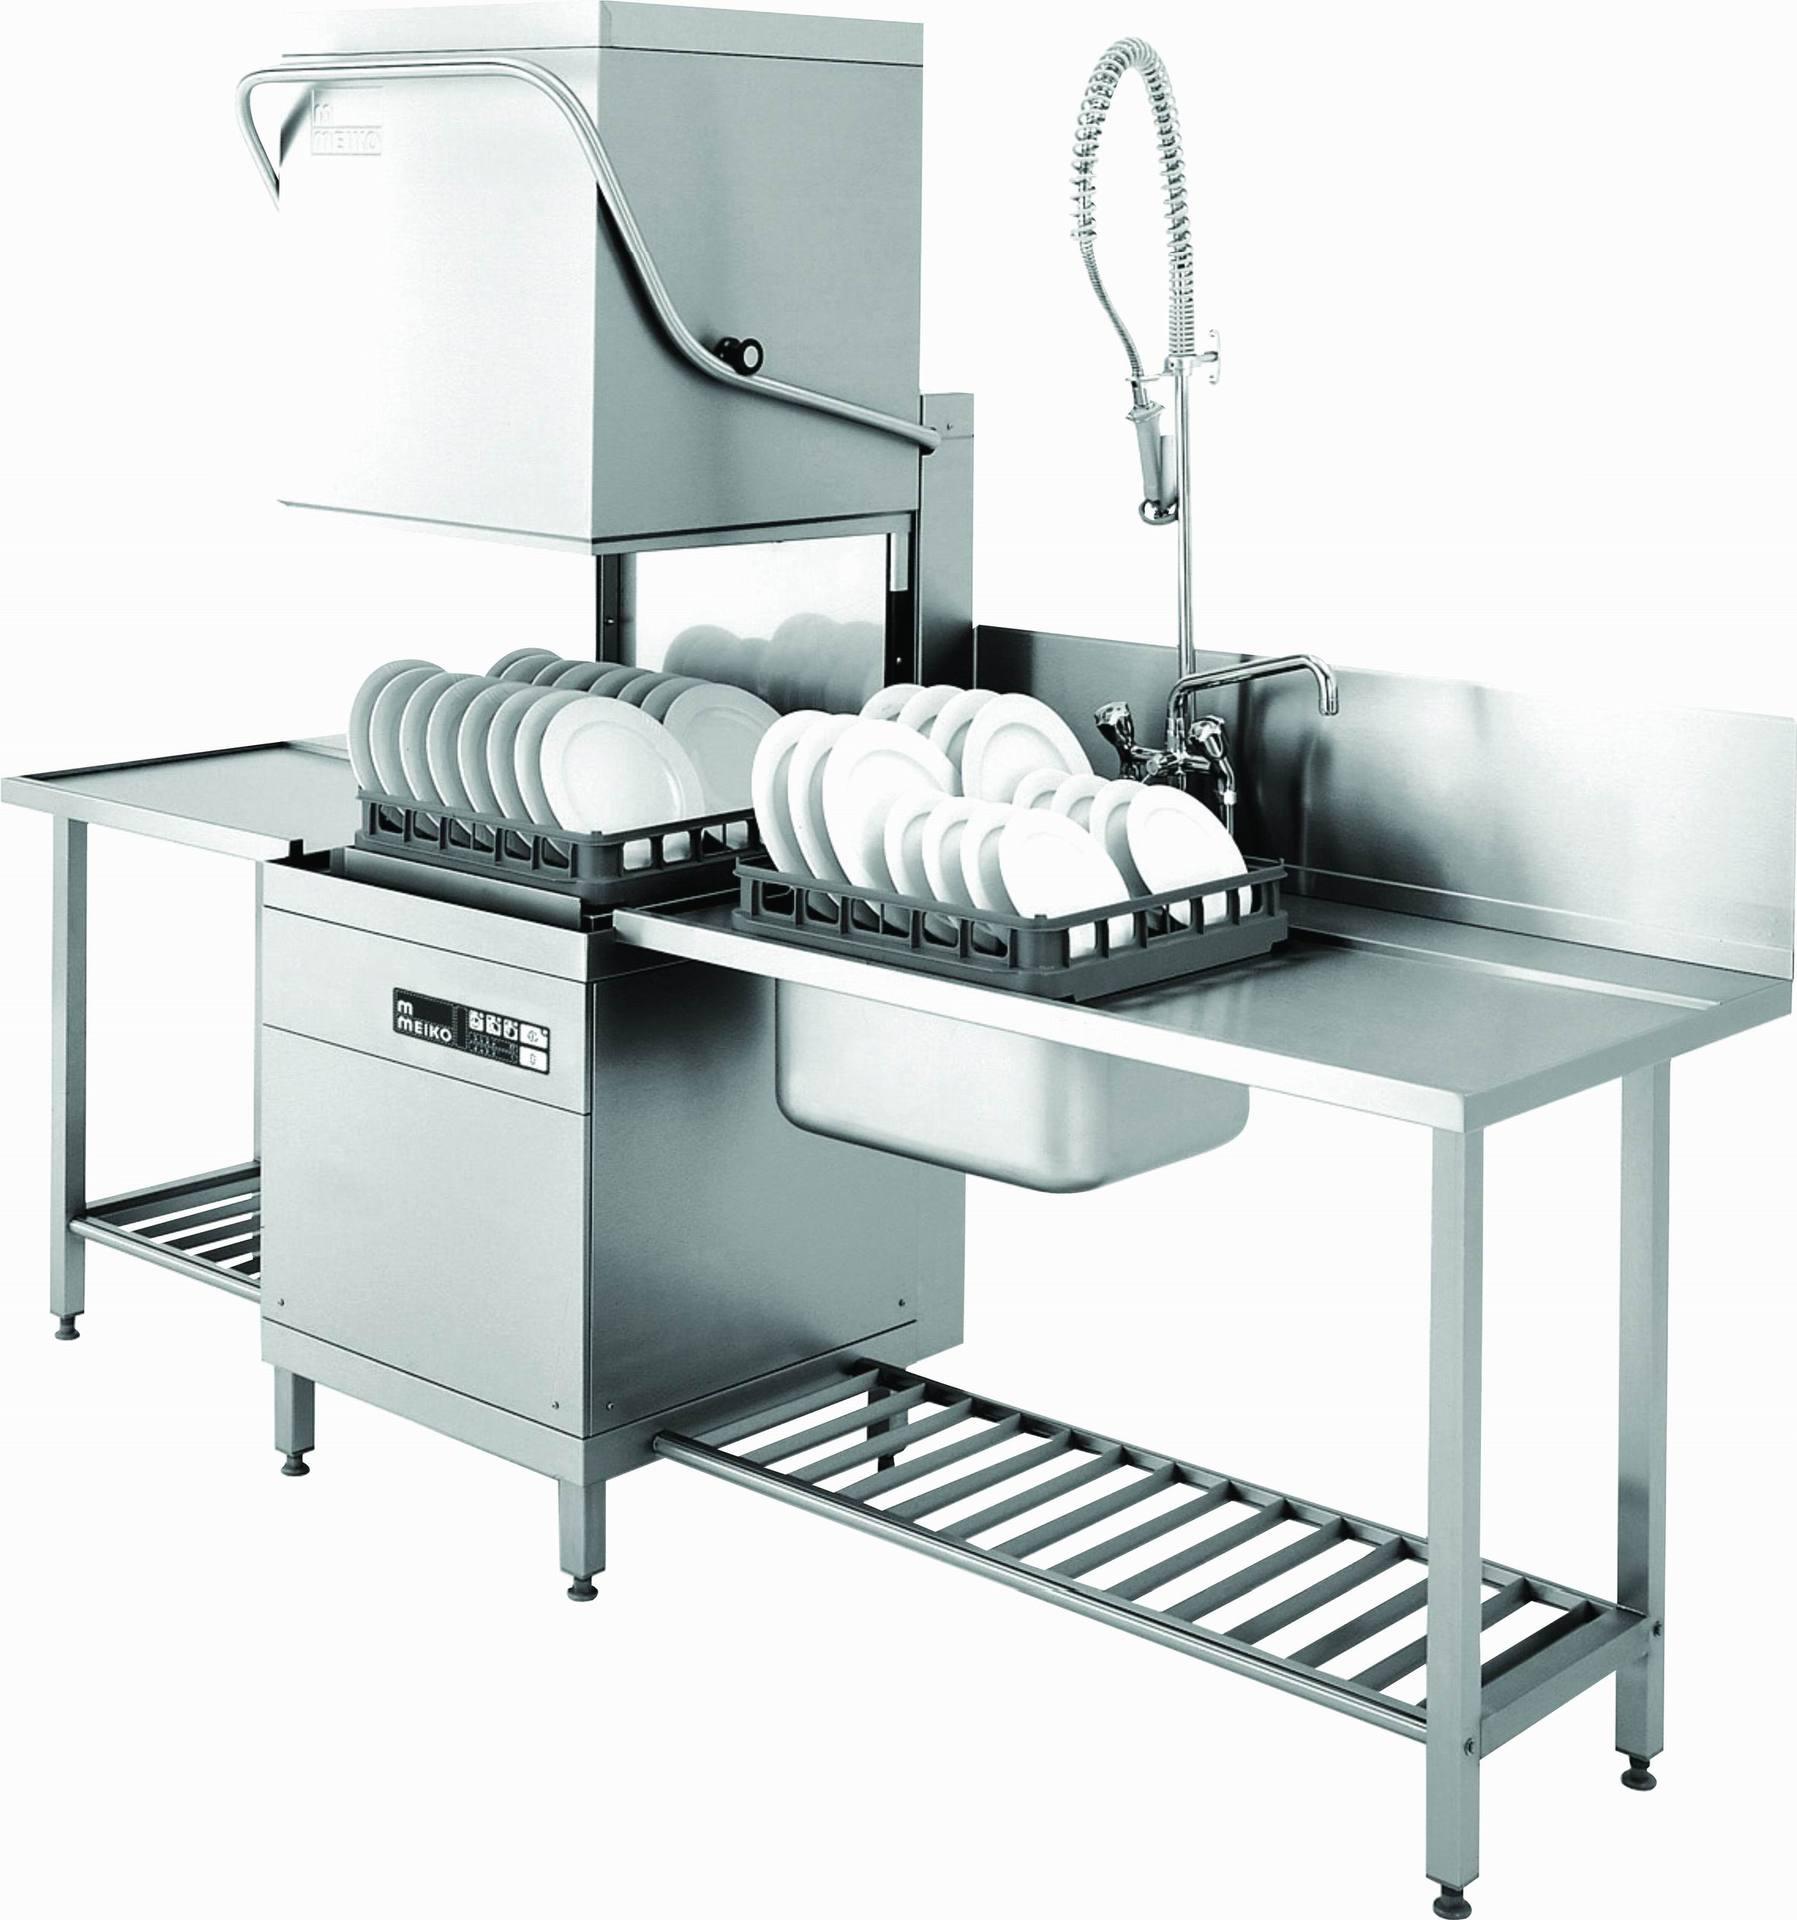 提拉式洗碗机